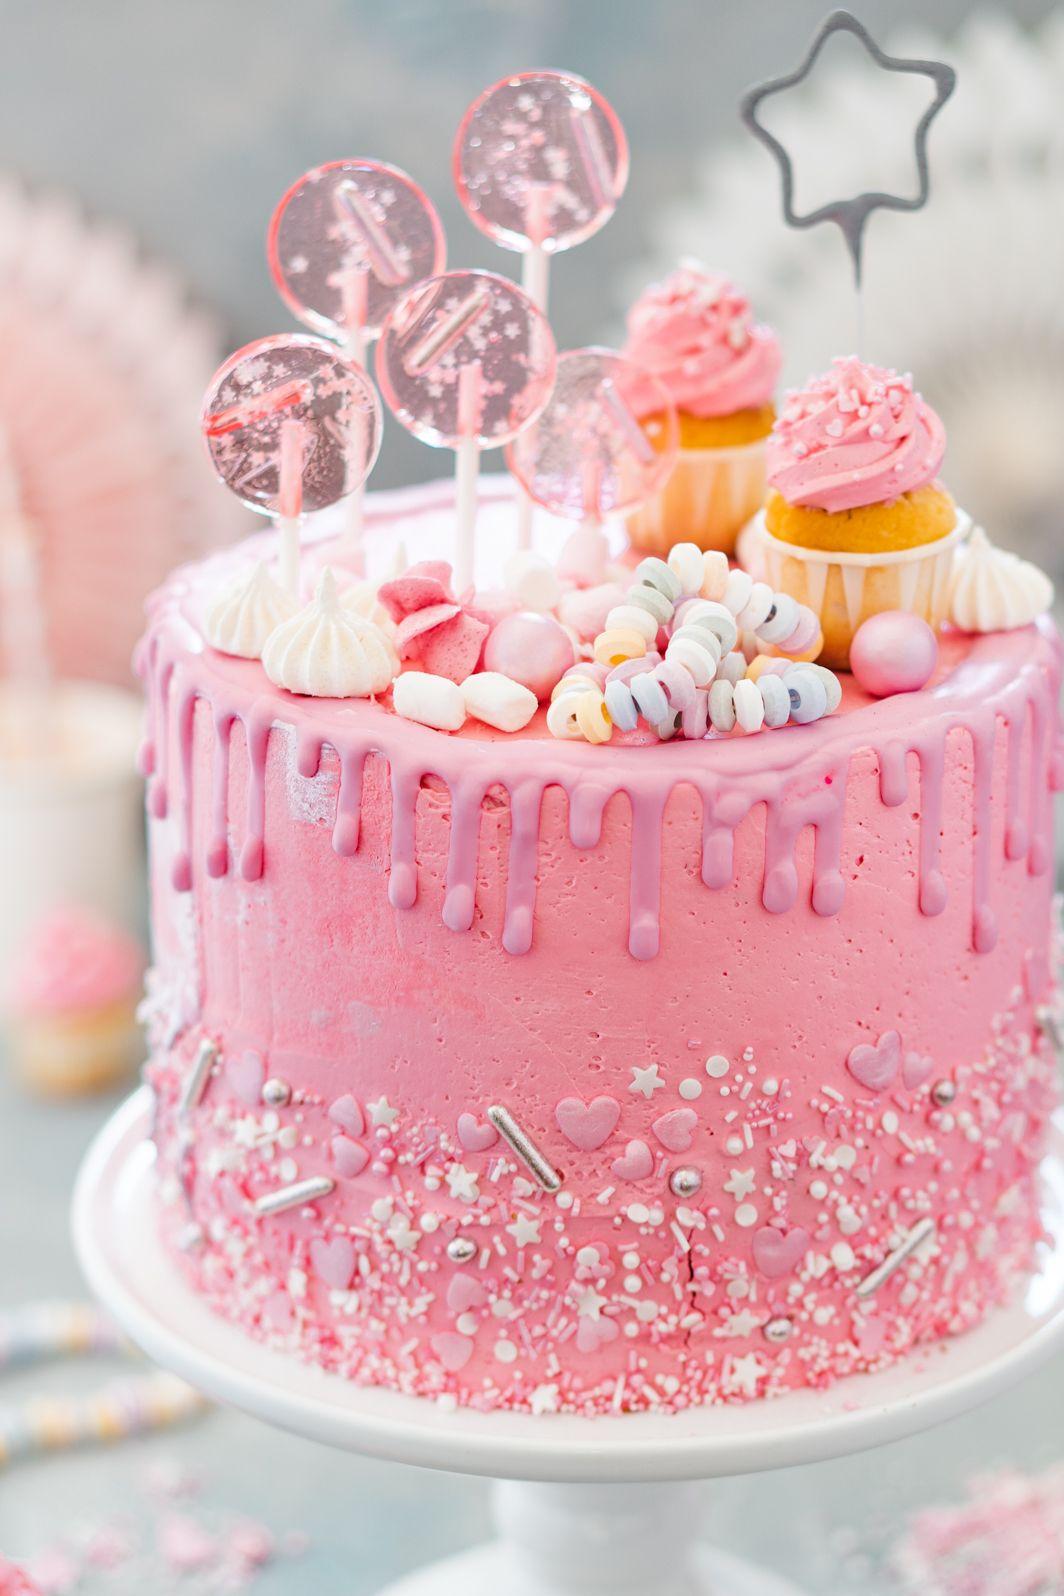 Madchen Geburtstagstorte Mit Himbeeren Mein Naschgluck Rezept Kuchen Und Torten Kuchen Und Torten Rezepte Leckere Torten